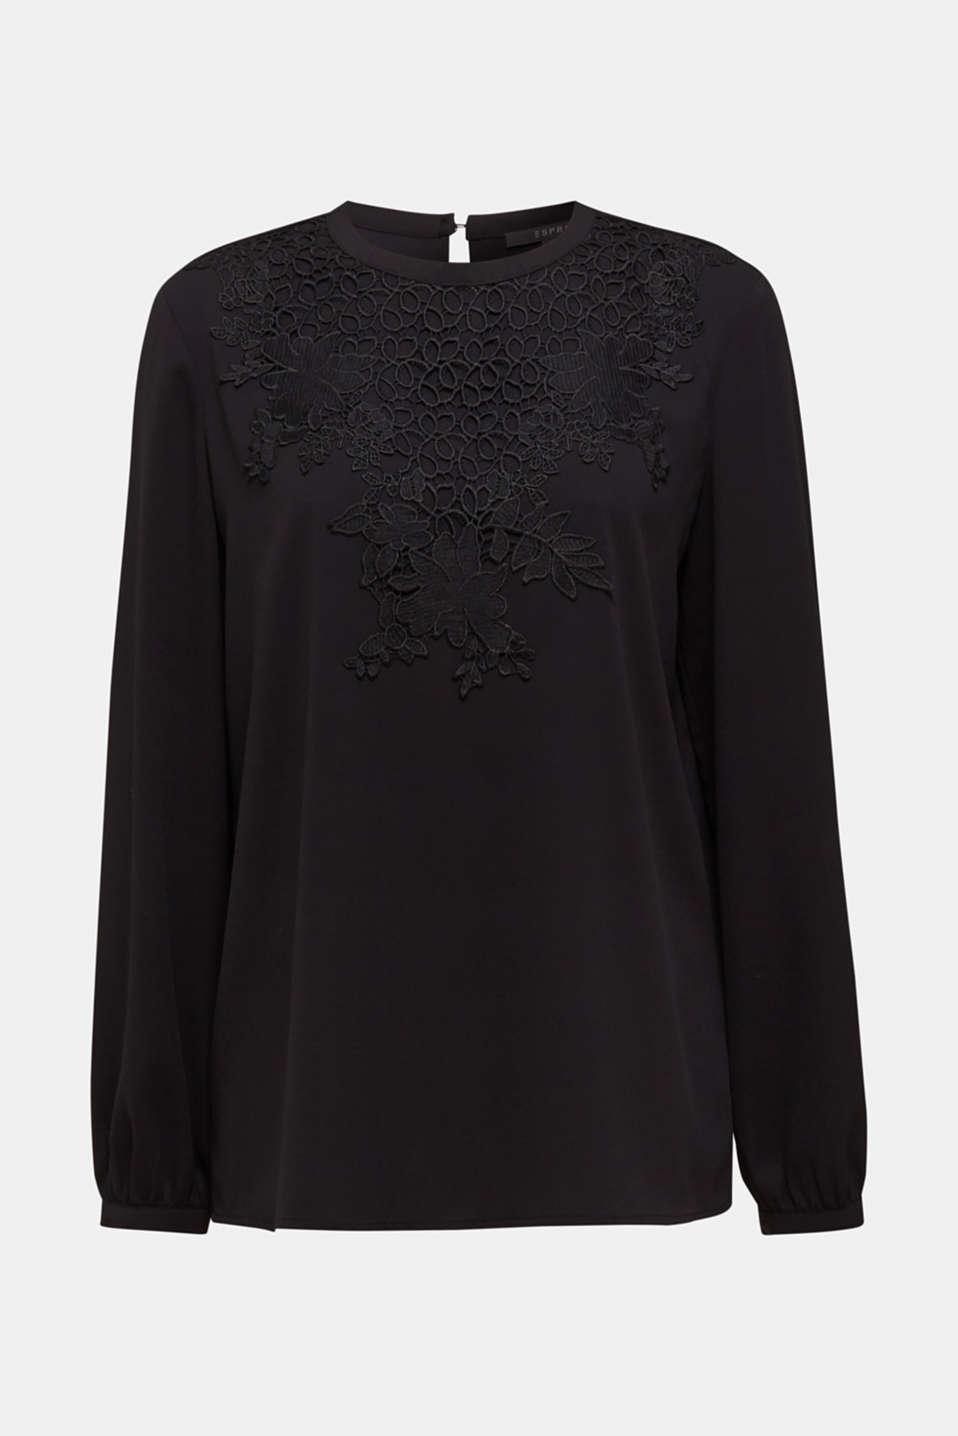 Blouse with a floral lace appliqué, BLACK, detail image number 5